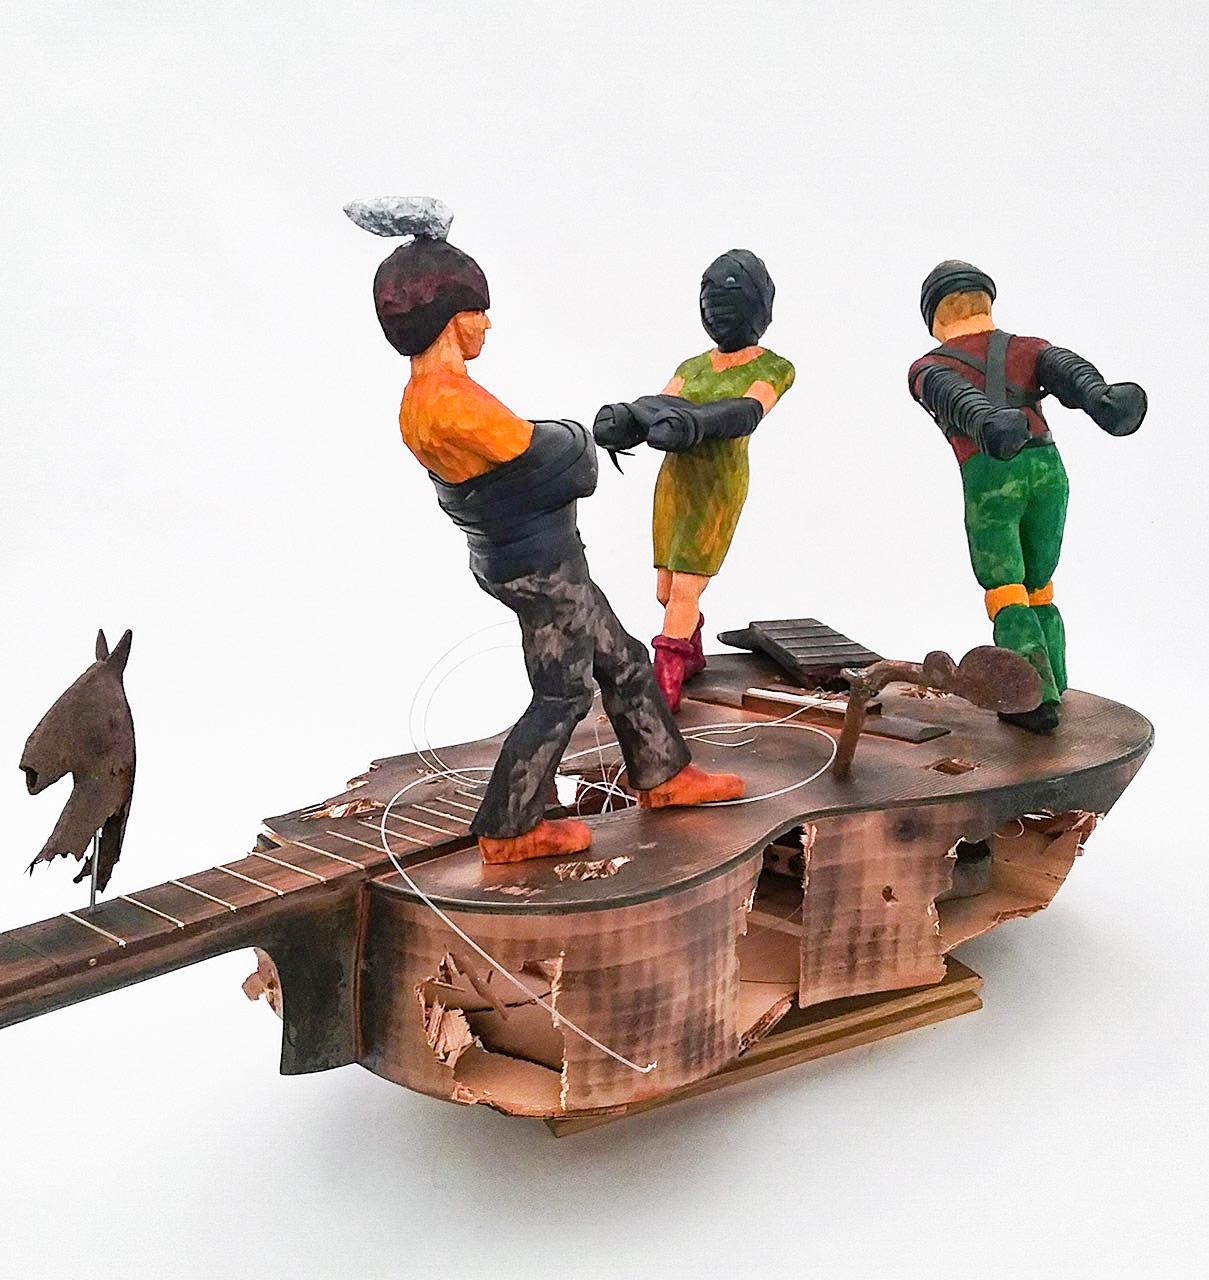 Holzskulptur: gefesselte Personen auf Geige